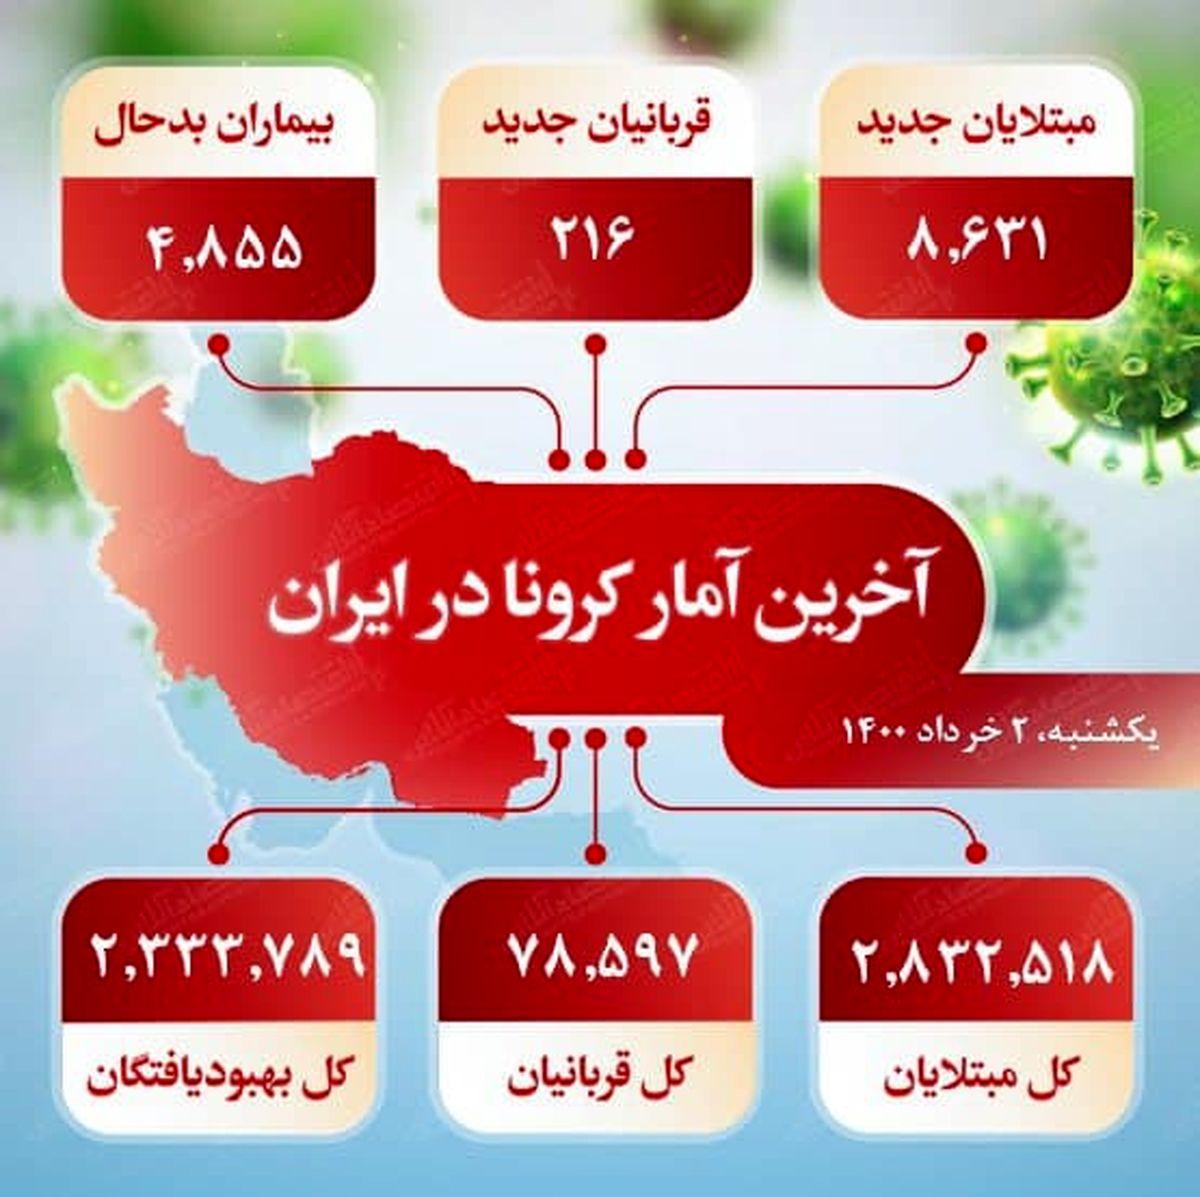 آخرین آمار کرونا در ایران (۱۴۰۰/۳/۲)